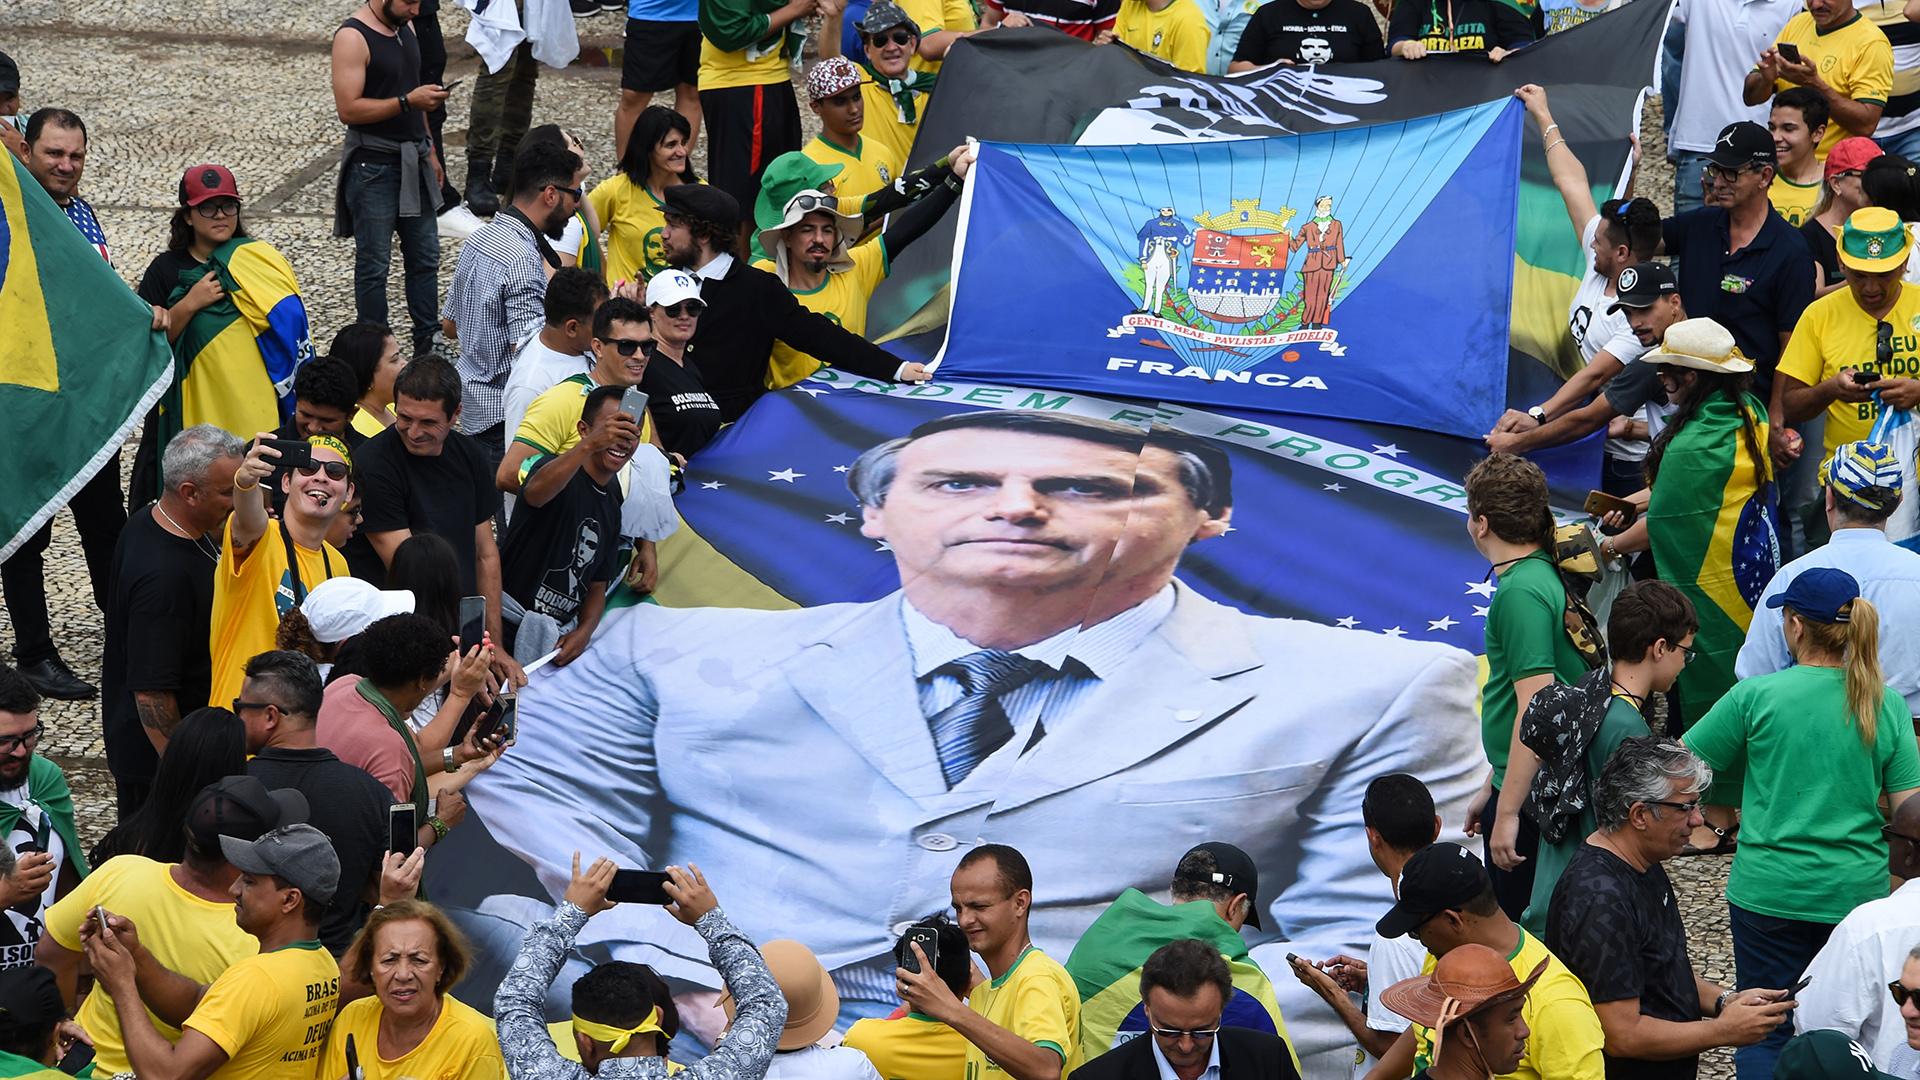 Miles de simpatizantes de Jair Bolsonaro se reunieron en la Plaza de los Tres Poderes, en Brasilia(EVARISTO SA / AFP)